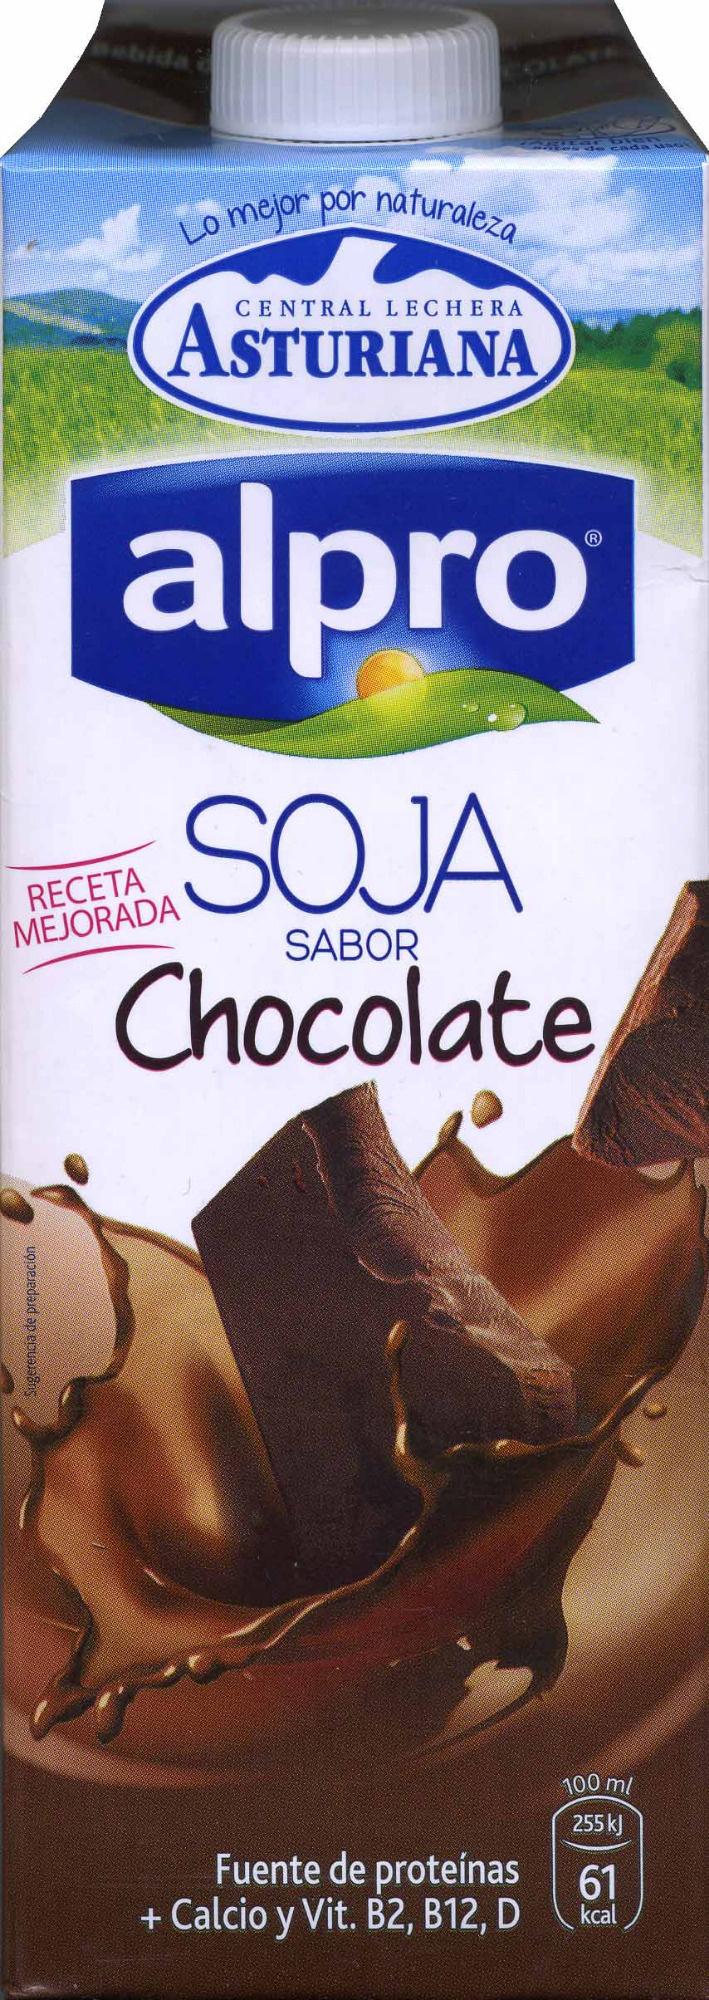 Batido de soja sabor chocolate - Producto - es